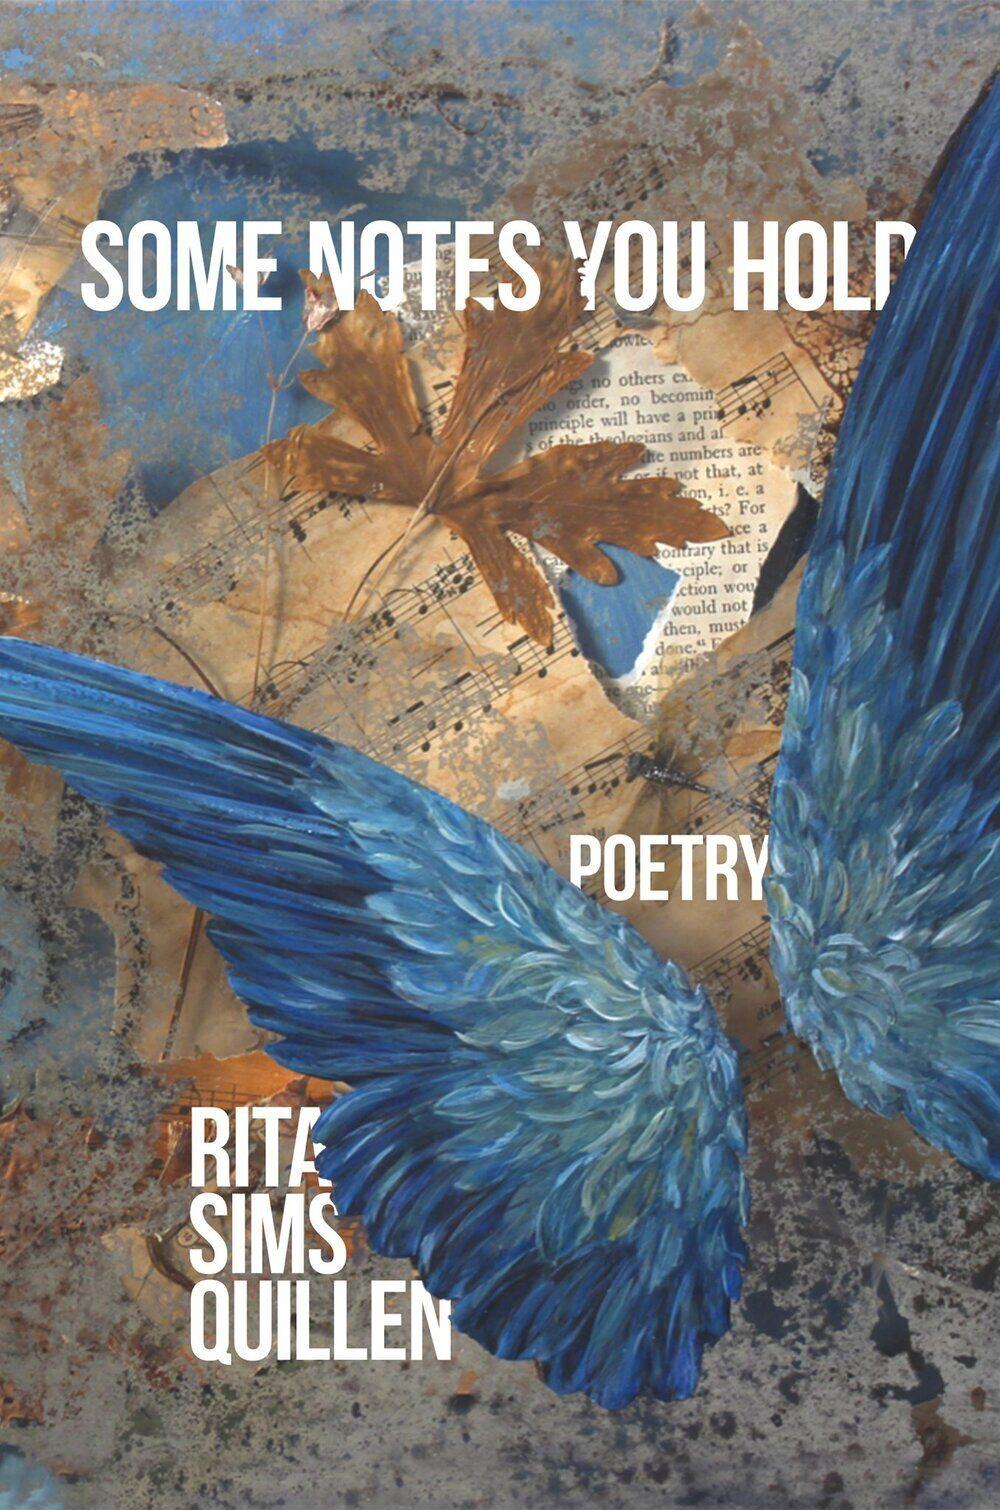 Quillen poems